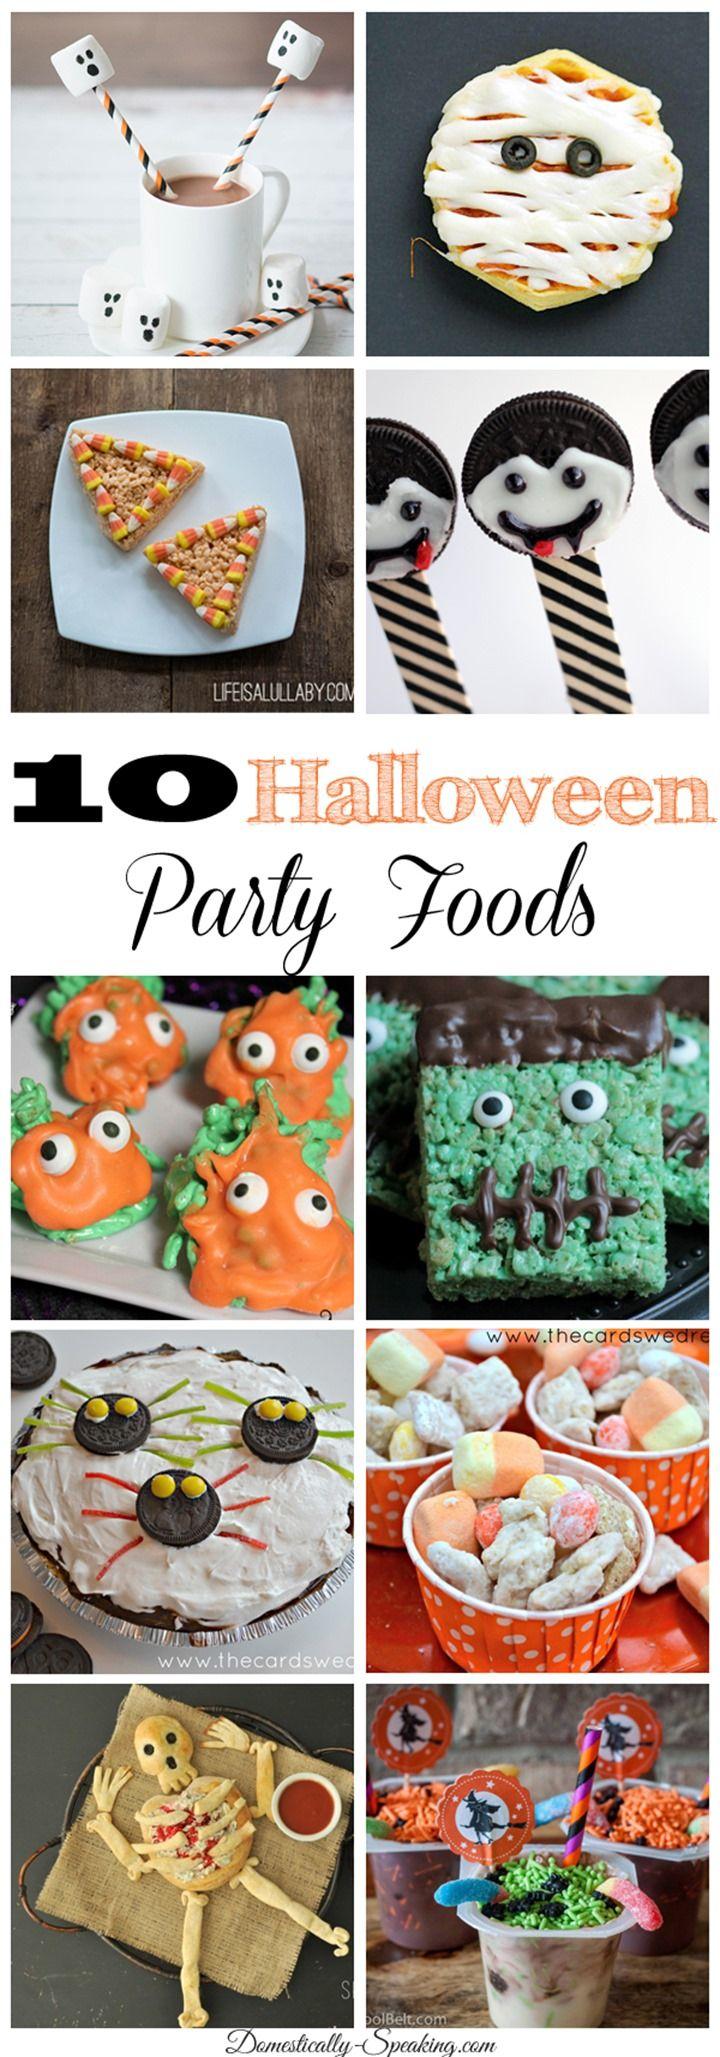 10 Halloween Party Foods